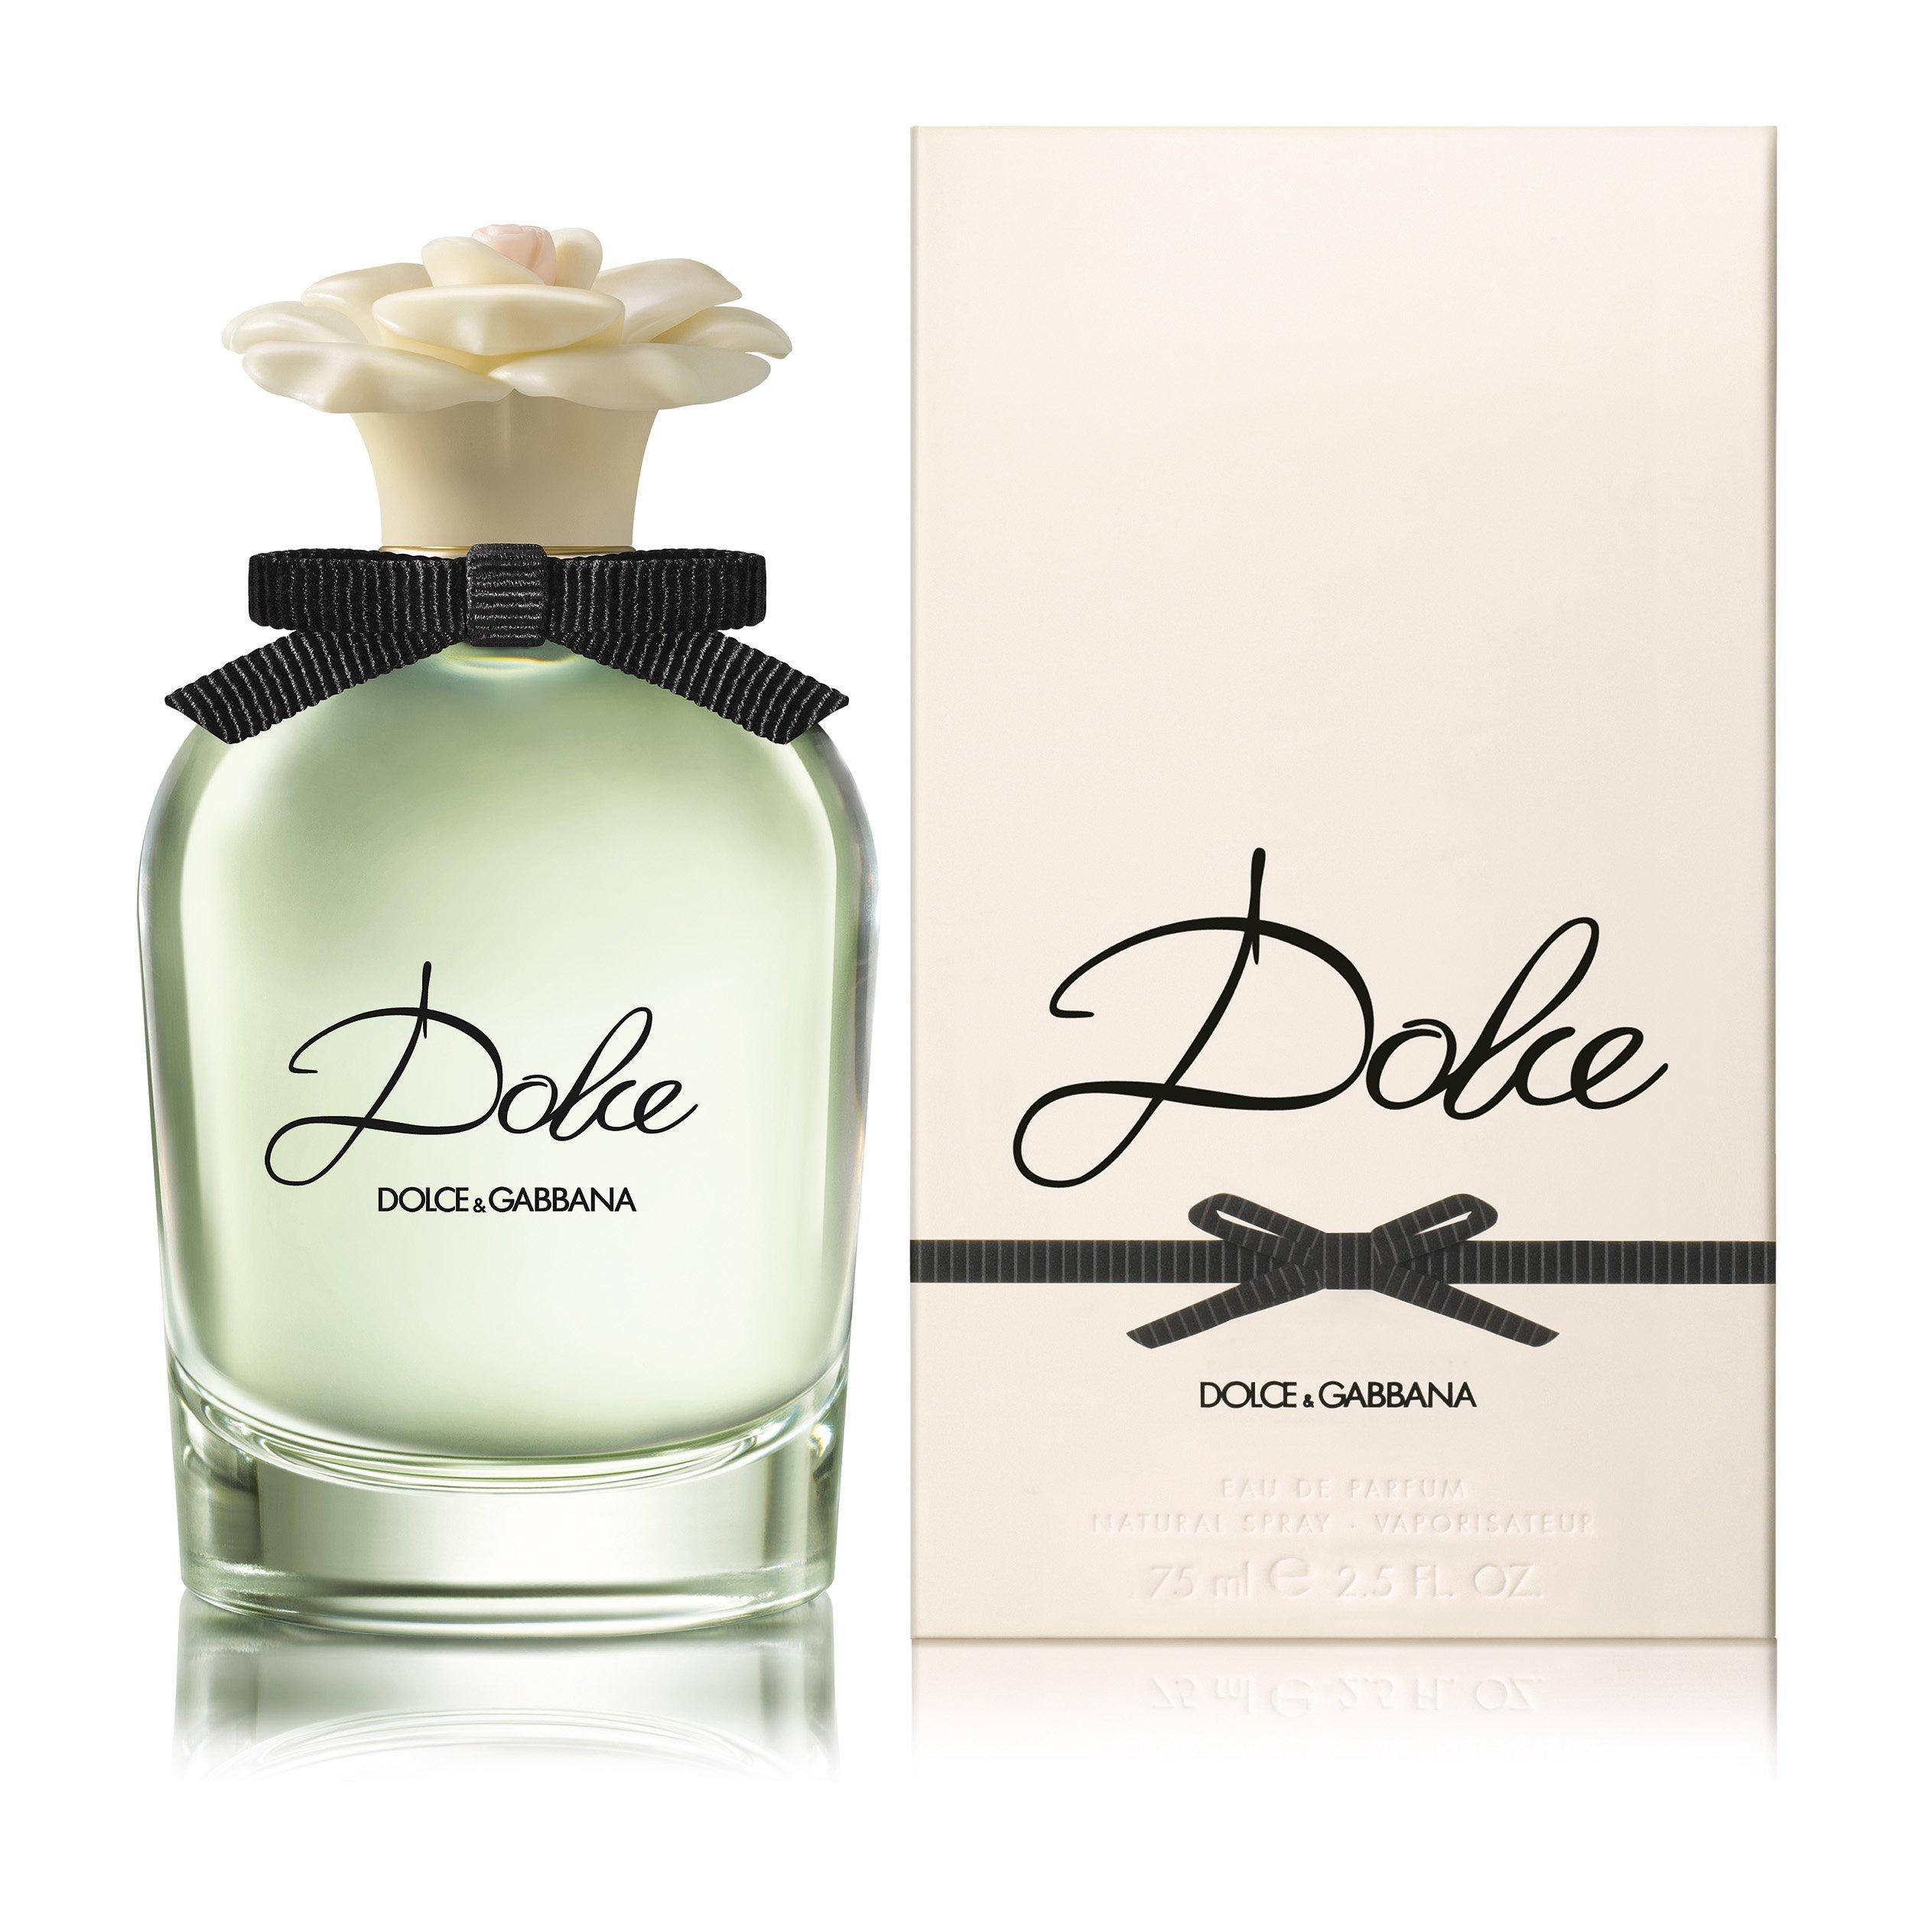 Amazon.com : Dolce & Gabbana The One Desire Eau De Parfum